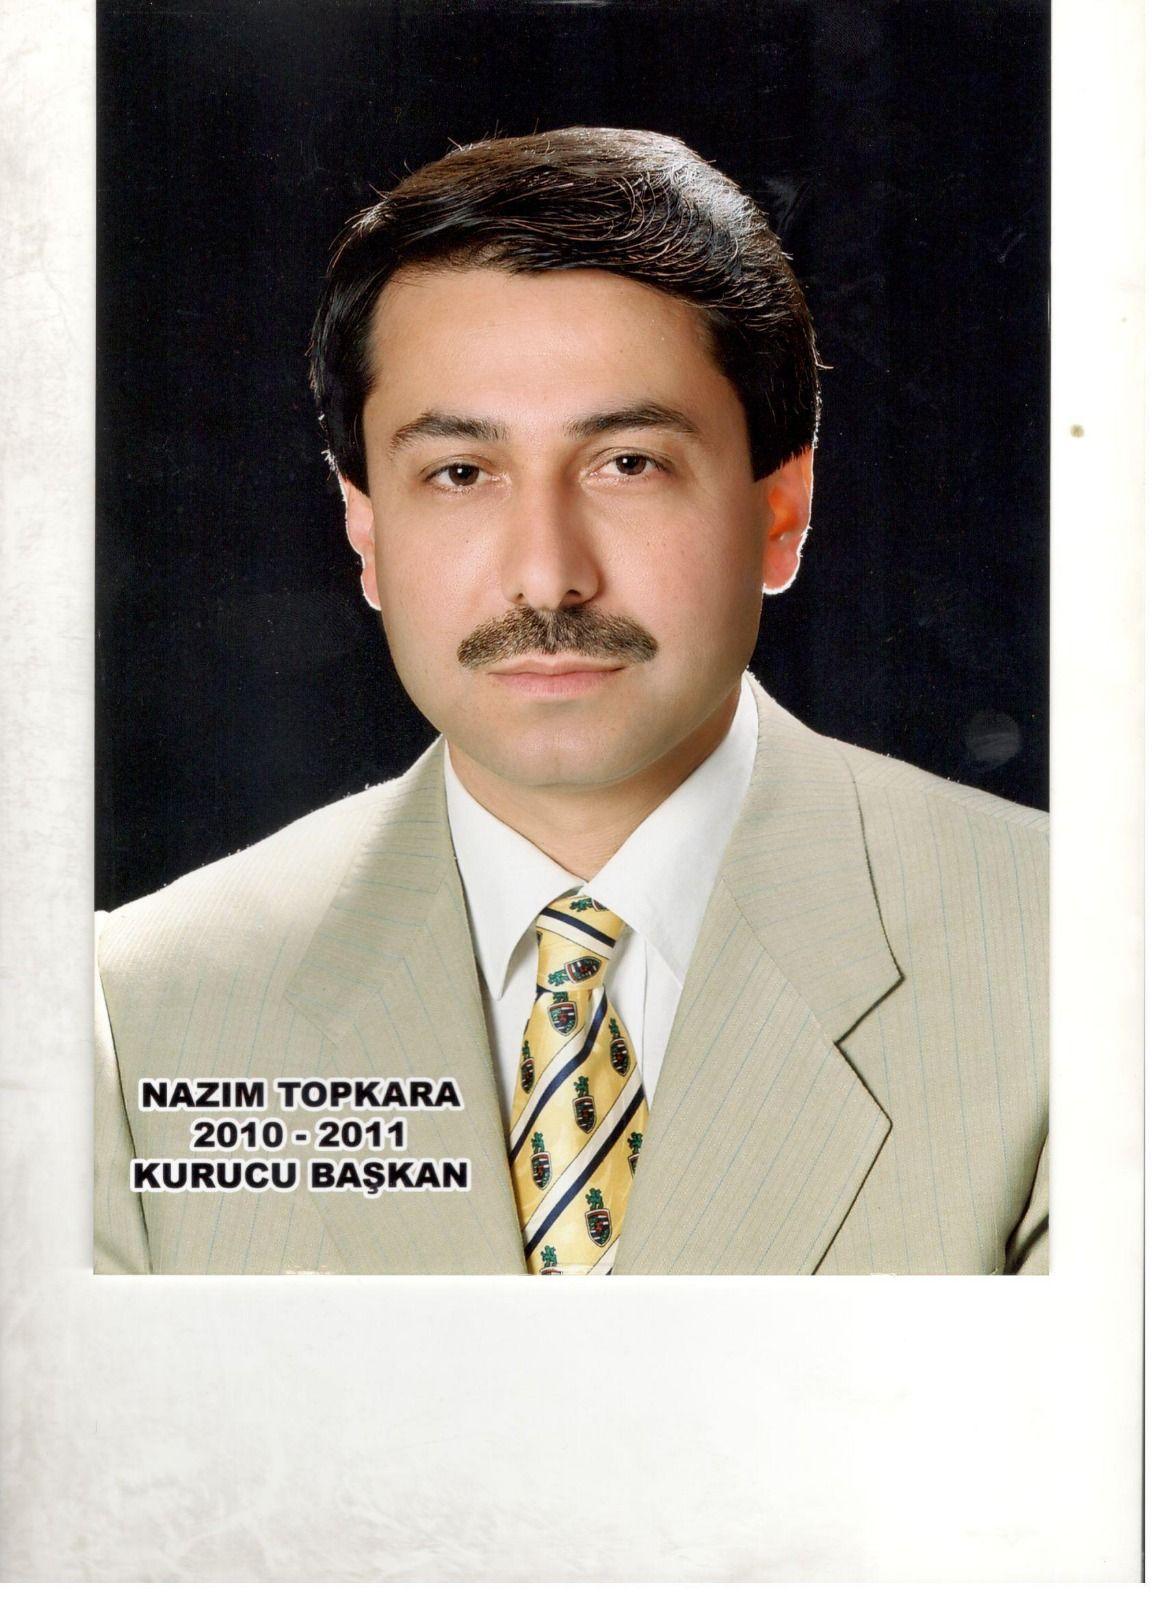 Nazım TOPKARA